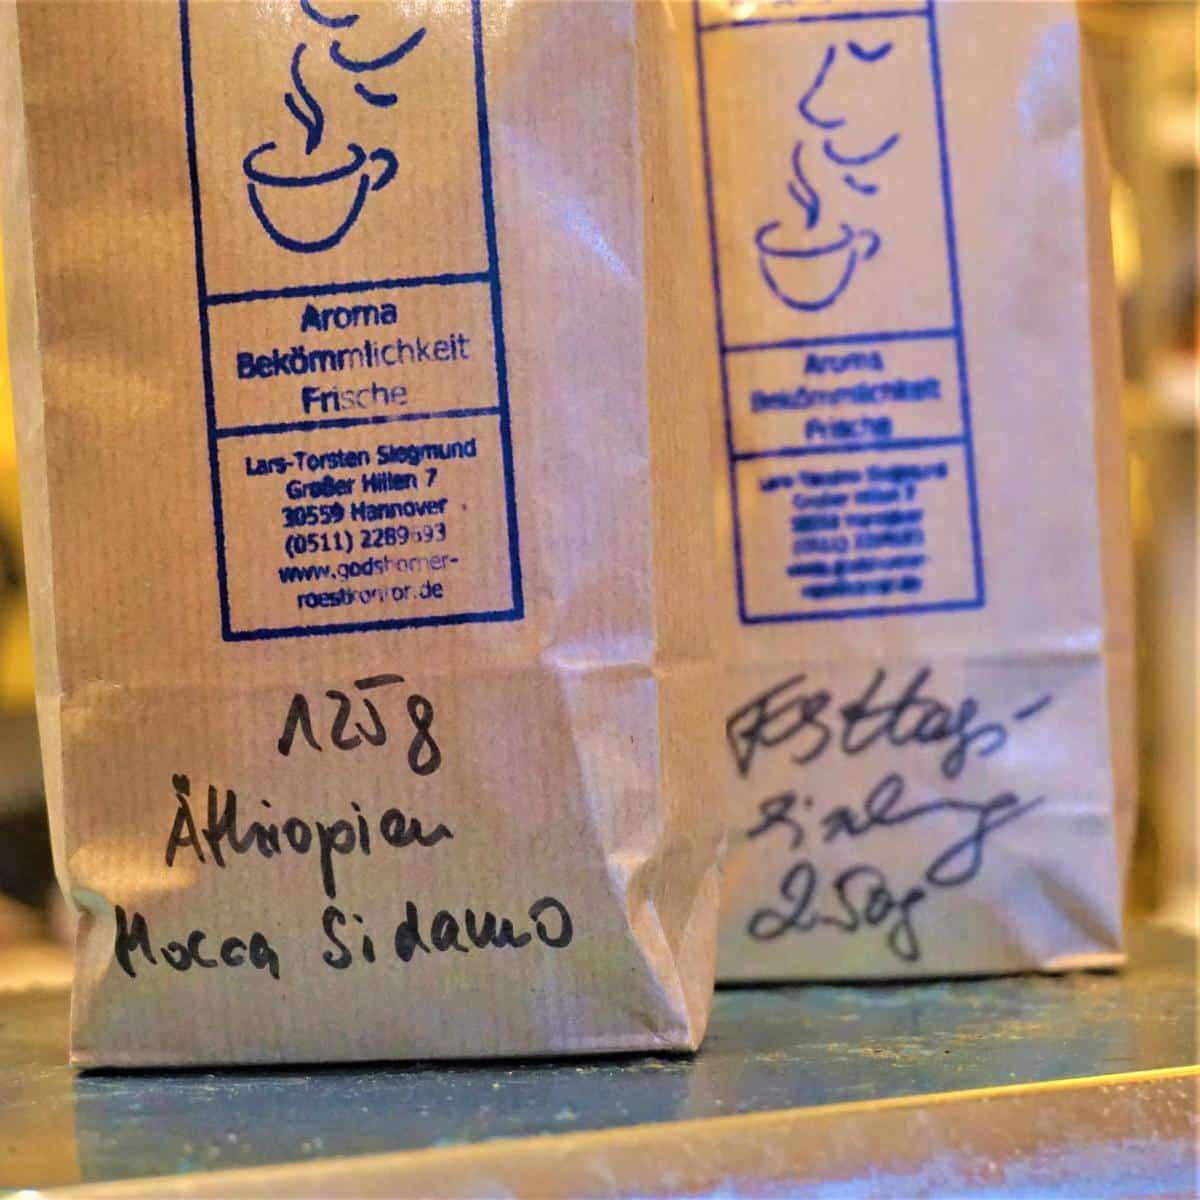 Style Hannover Godshorner Röstkontor 3 - Godshorner Röstkontor –  Slow Food Kaffee in Kirchrode